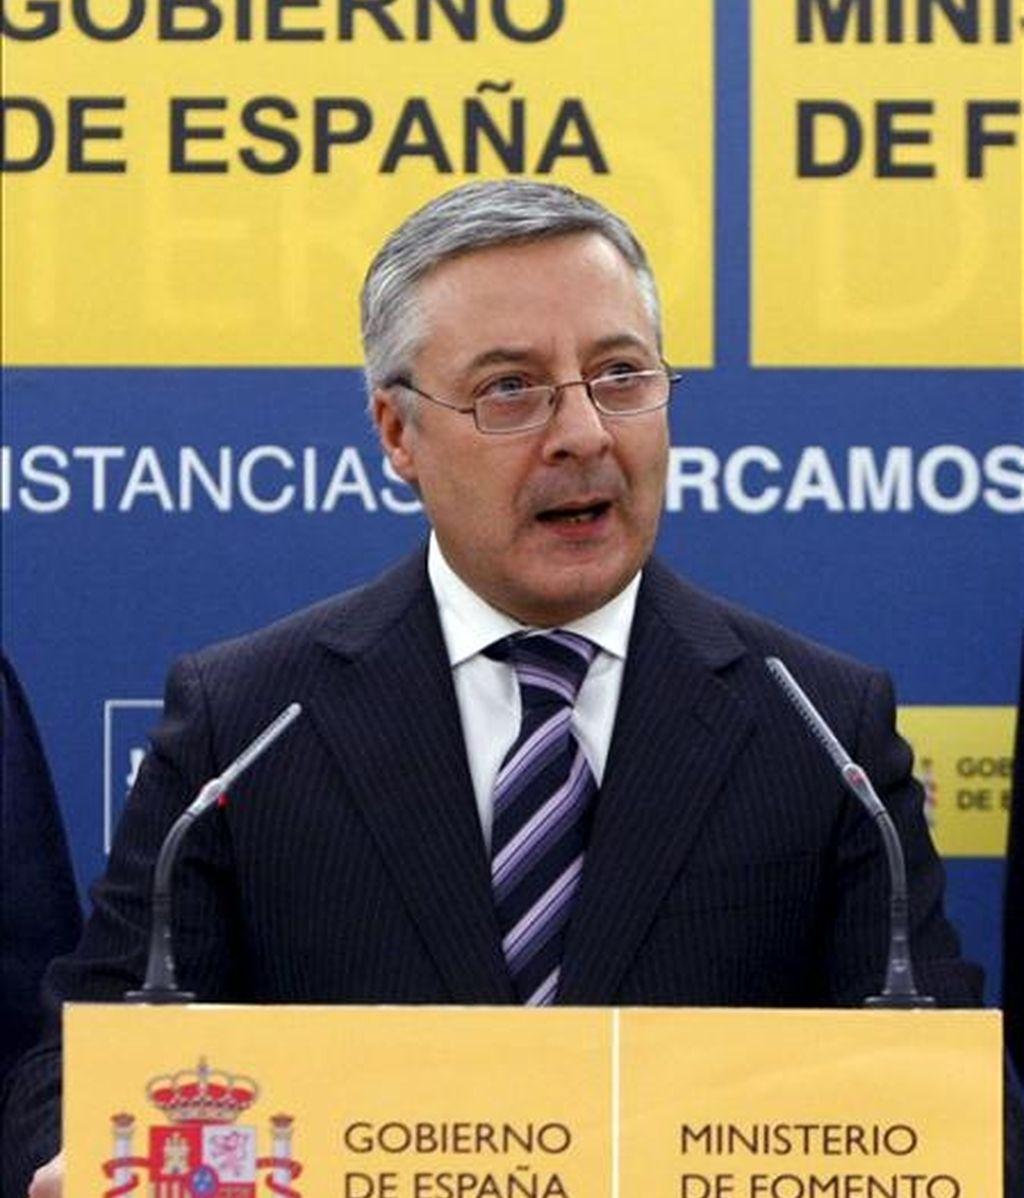 El ministro de Fomento, José Blanco, ha suspendido el viaje que tenía previsto iniciar este domingo a China, como consecuencia de la situación generada por los controladores aéreos en España. EFE